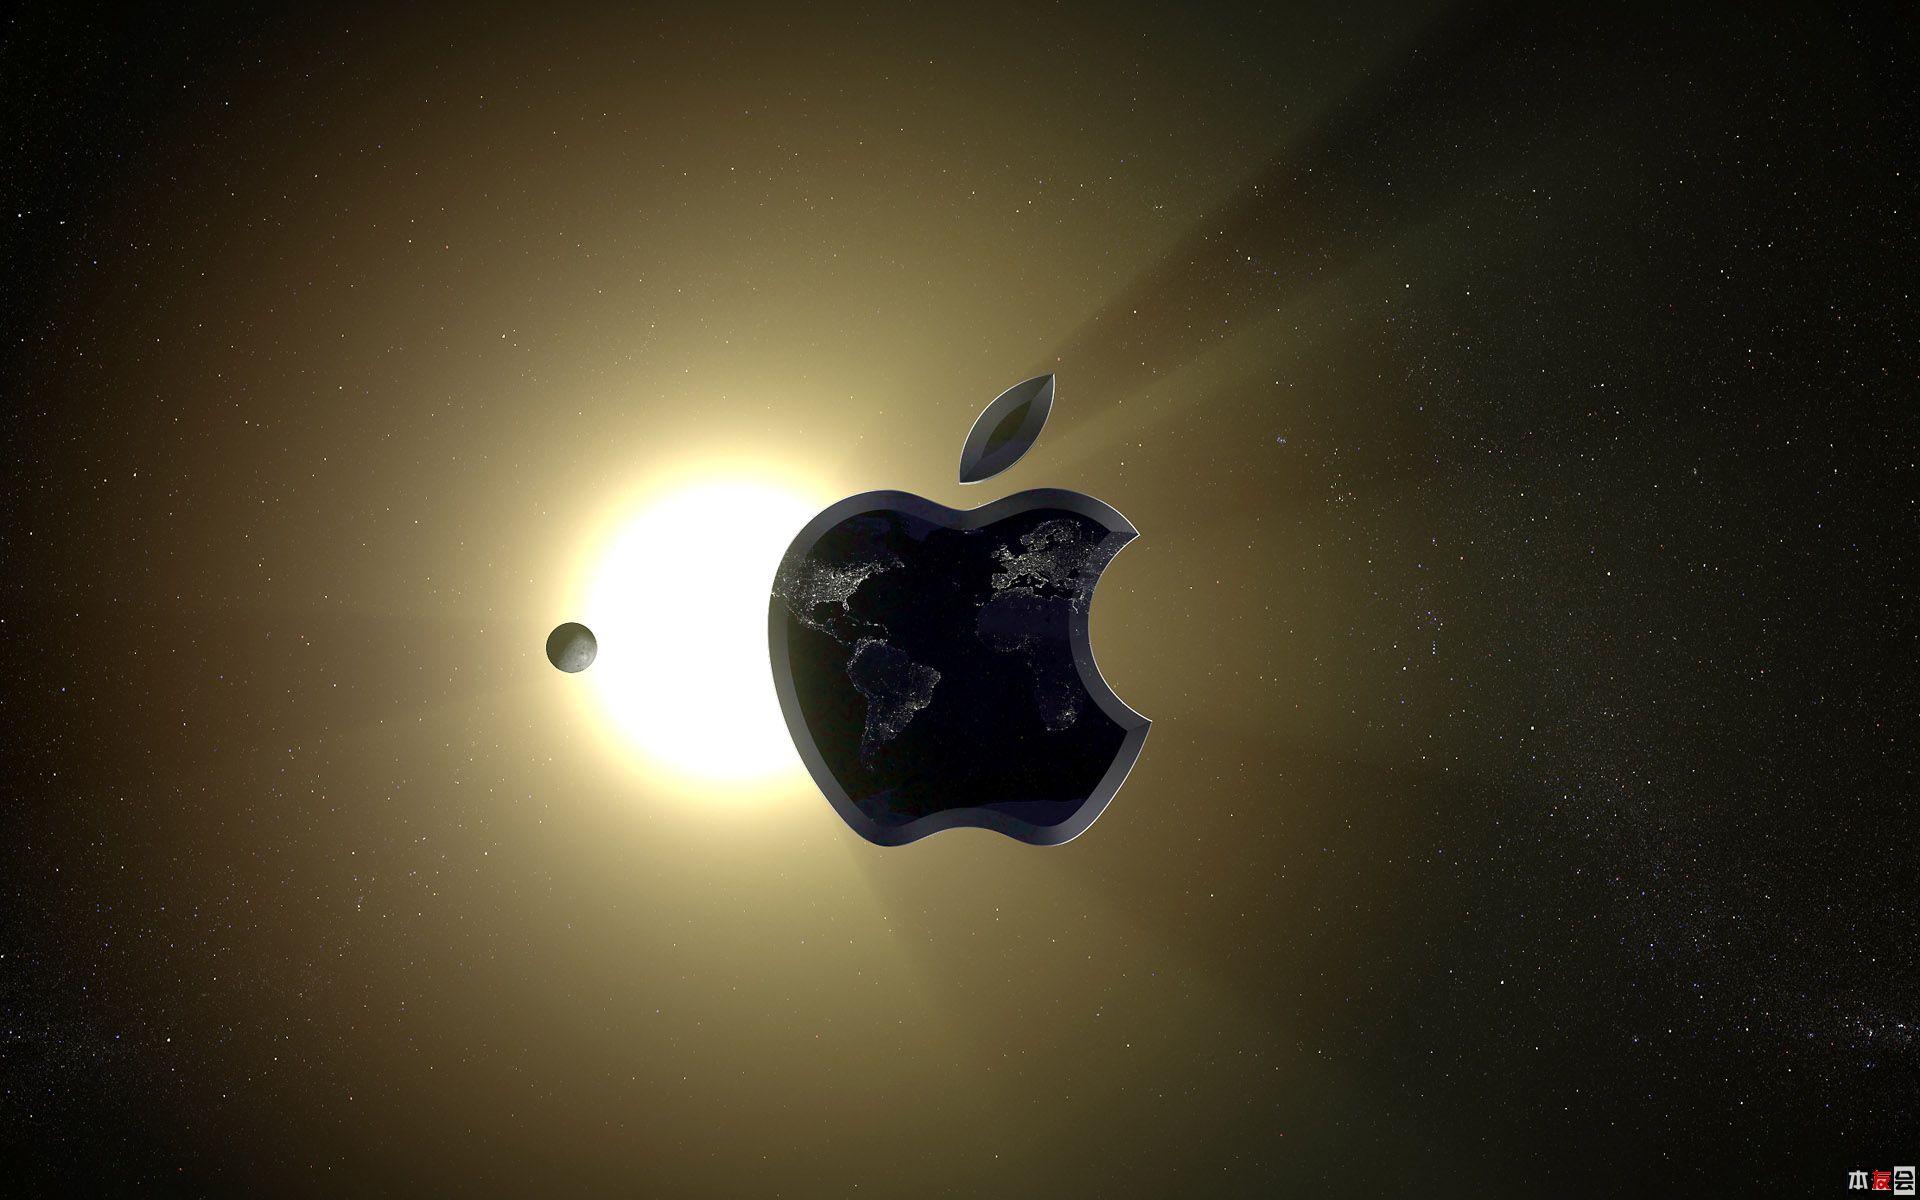 电脑论坛 69 苹果macbook,imac论坛 69 发几个iphone的图标做桌面图片